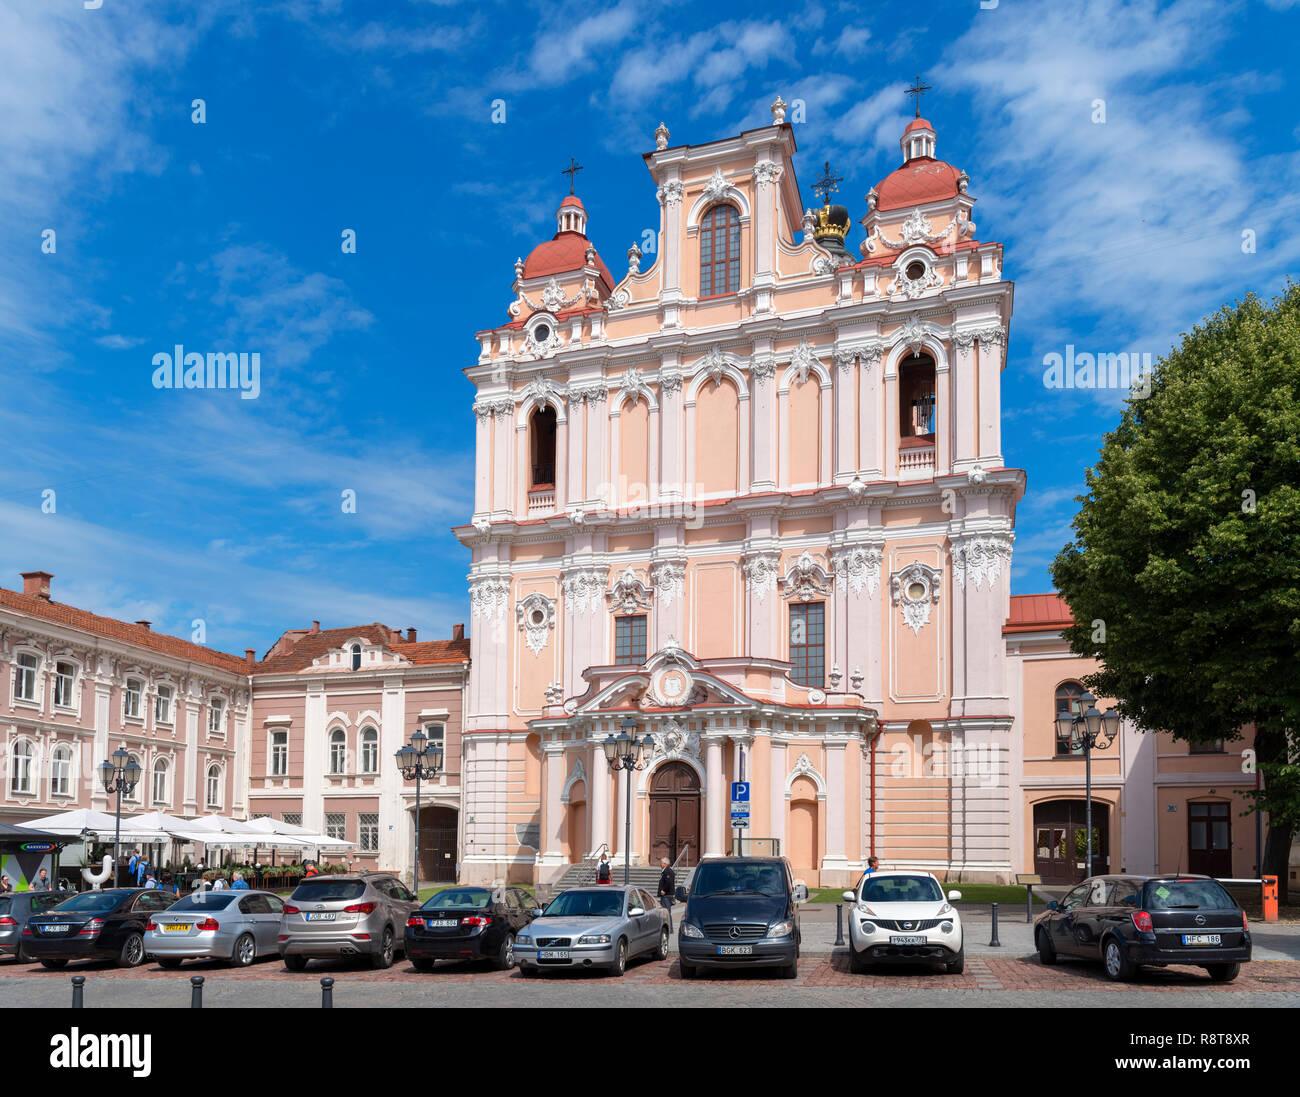 Church of St. Casimir, Didžioji gatvė, Vilnius, Lithuania - Stock Image